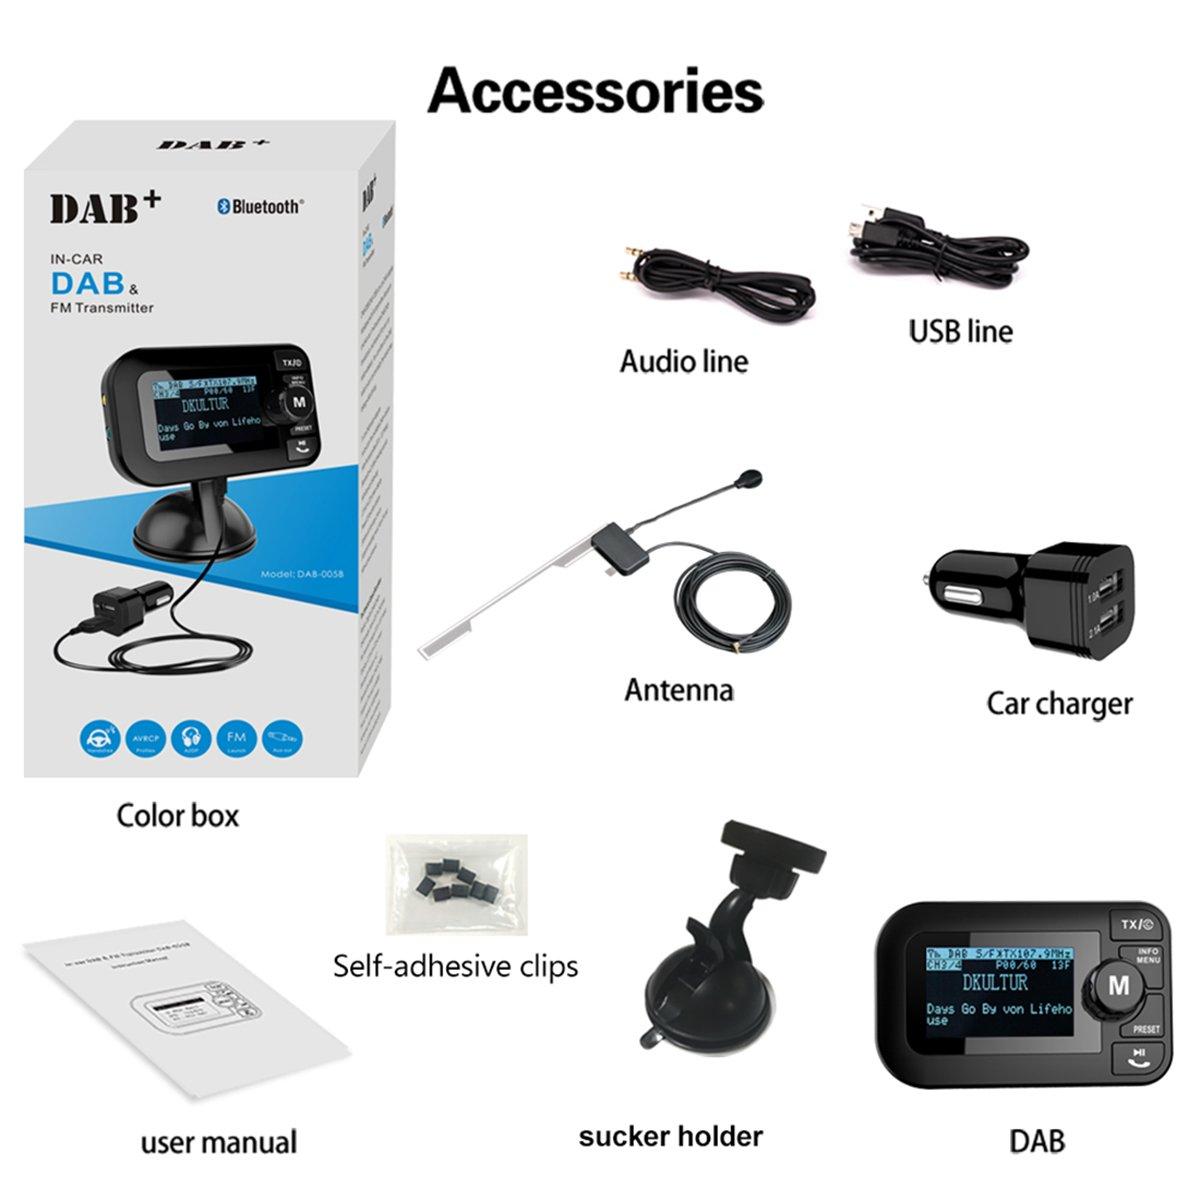 Radio digitale con trasmettitore FM Ricevitore Bluetooth Lettore MP3 Adattatore audio radio Caricatore per auto Chiamata vivavoce 2.3LCD Supporto Rimovibile SAVORI 5 in 1 Auto DAB//DAB